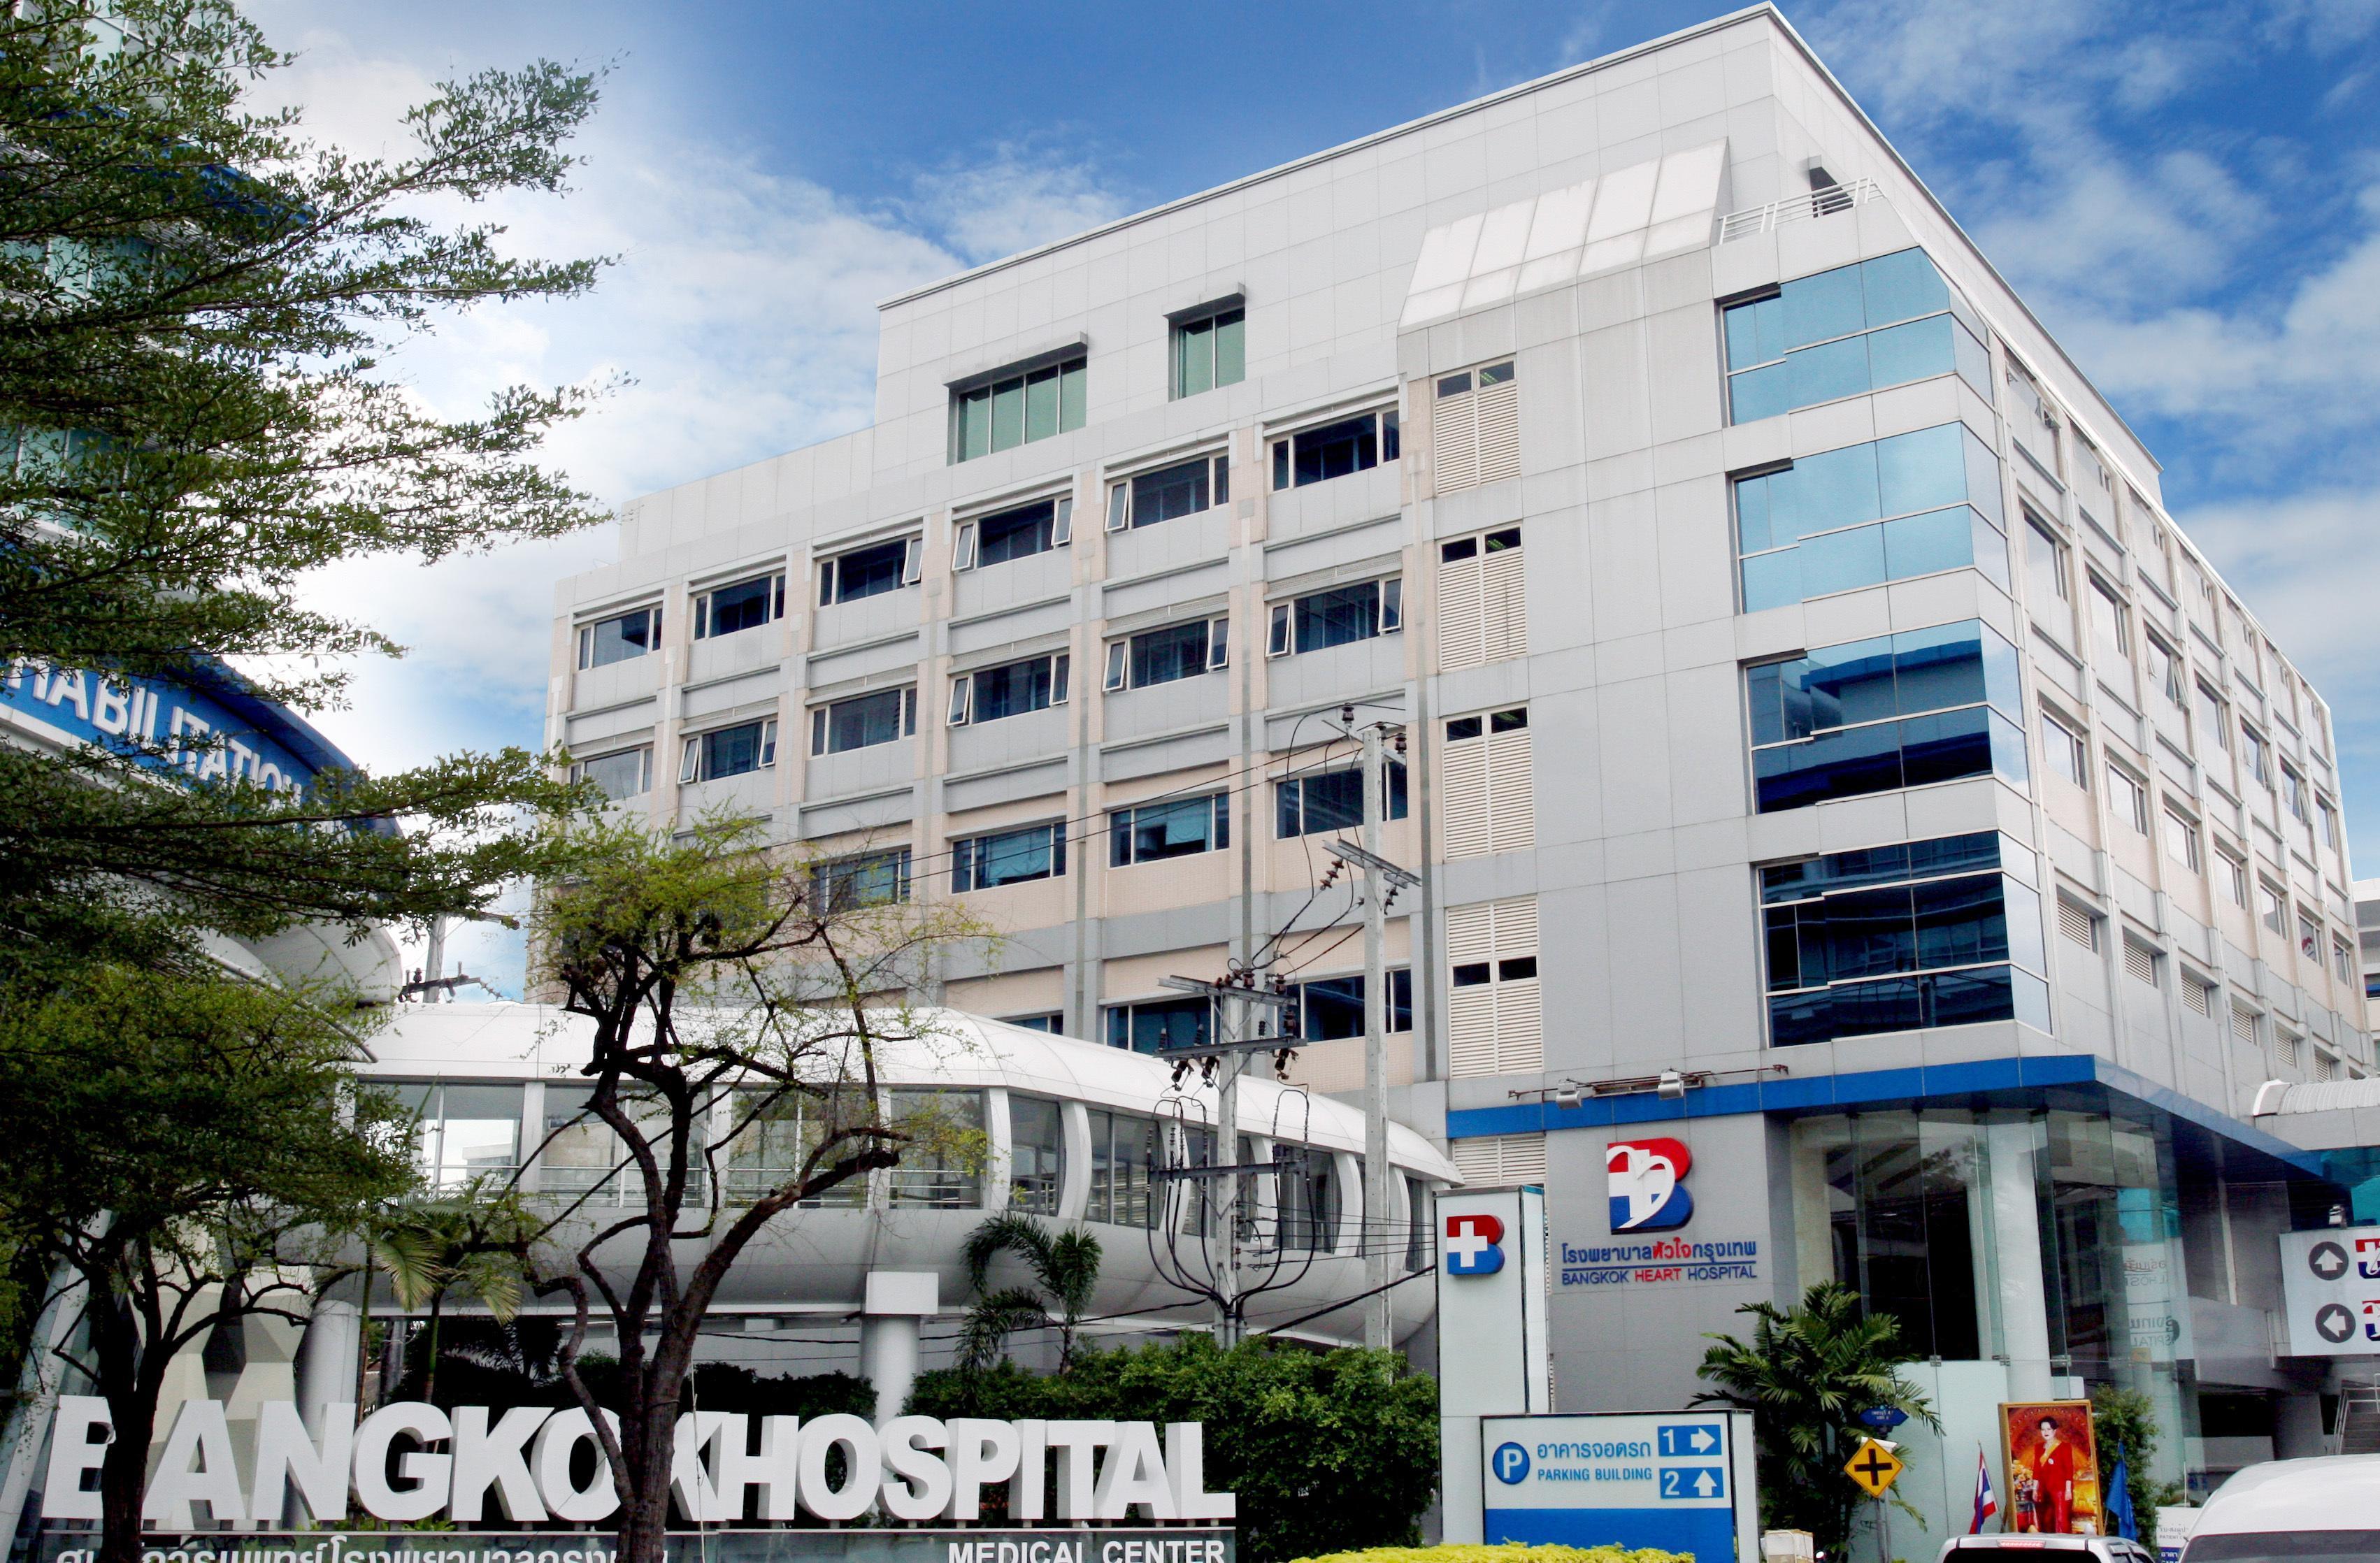 【资讯】泰国成为全球最大的医疗旅游目的地之一!